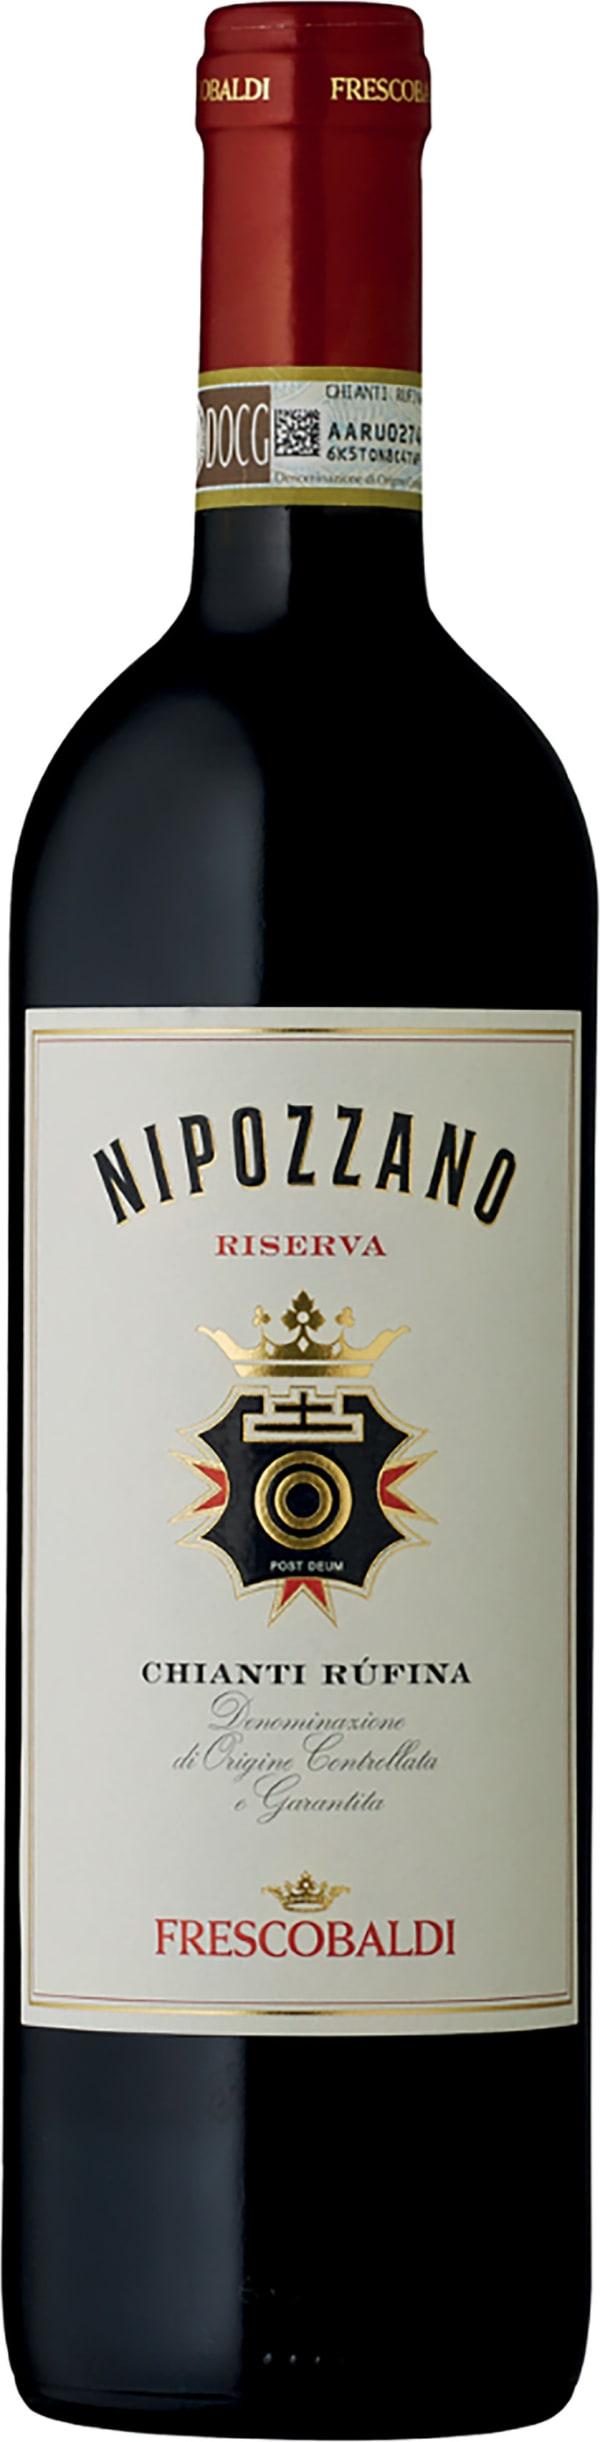 Nipozzano Riserva 2011